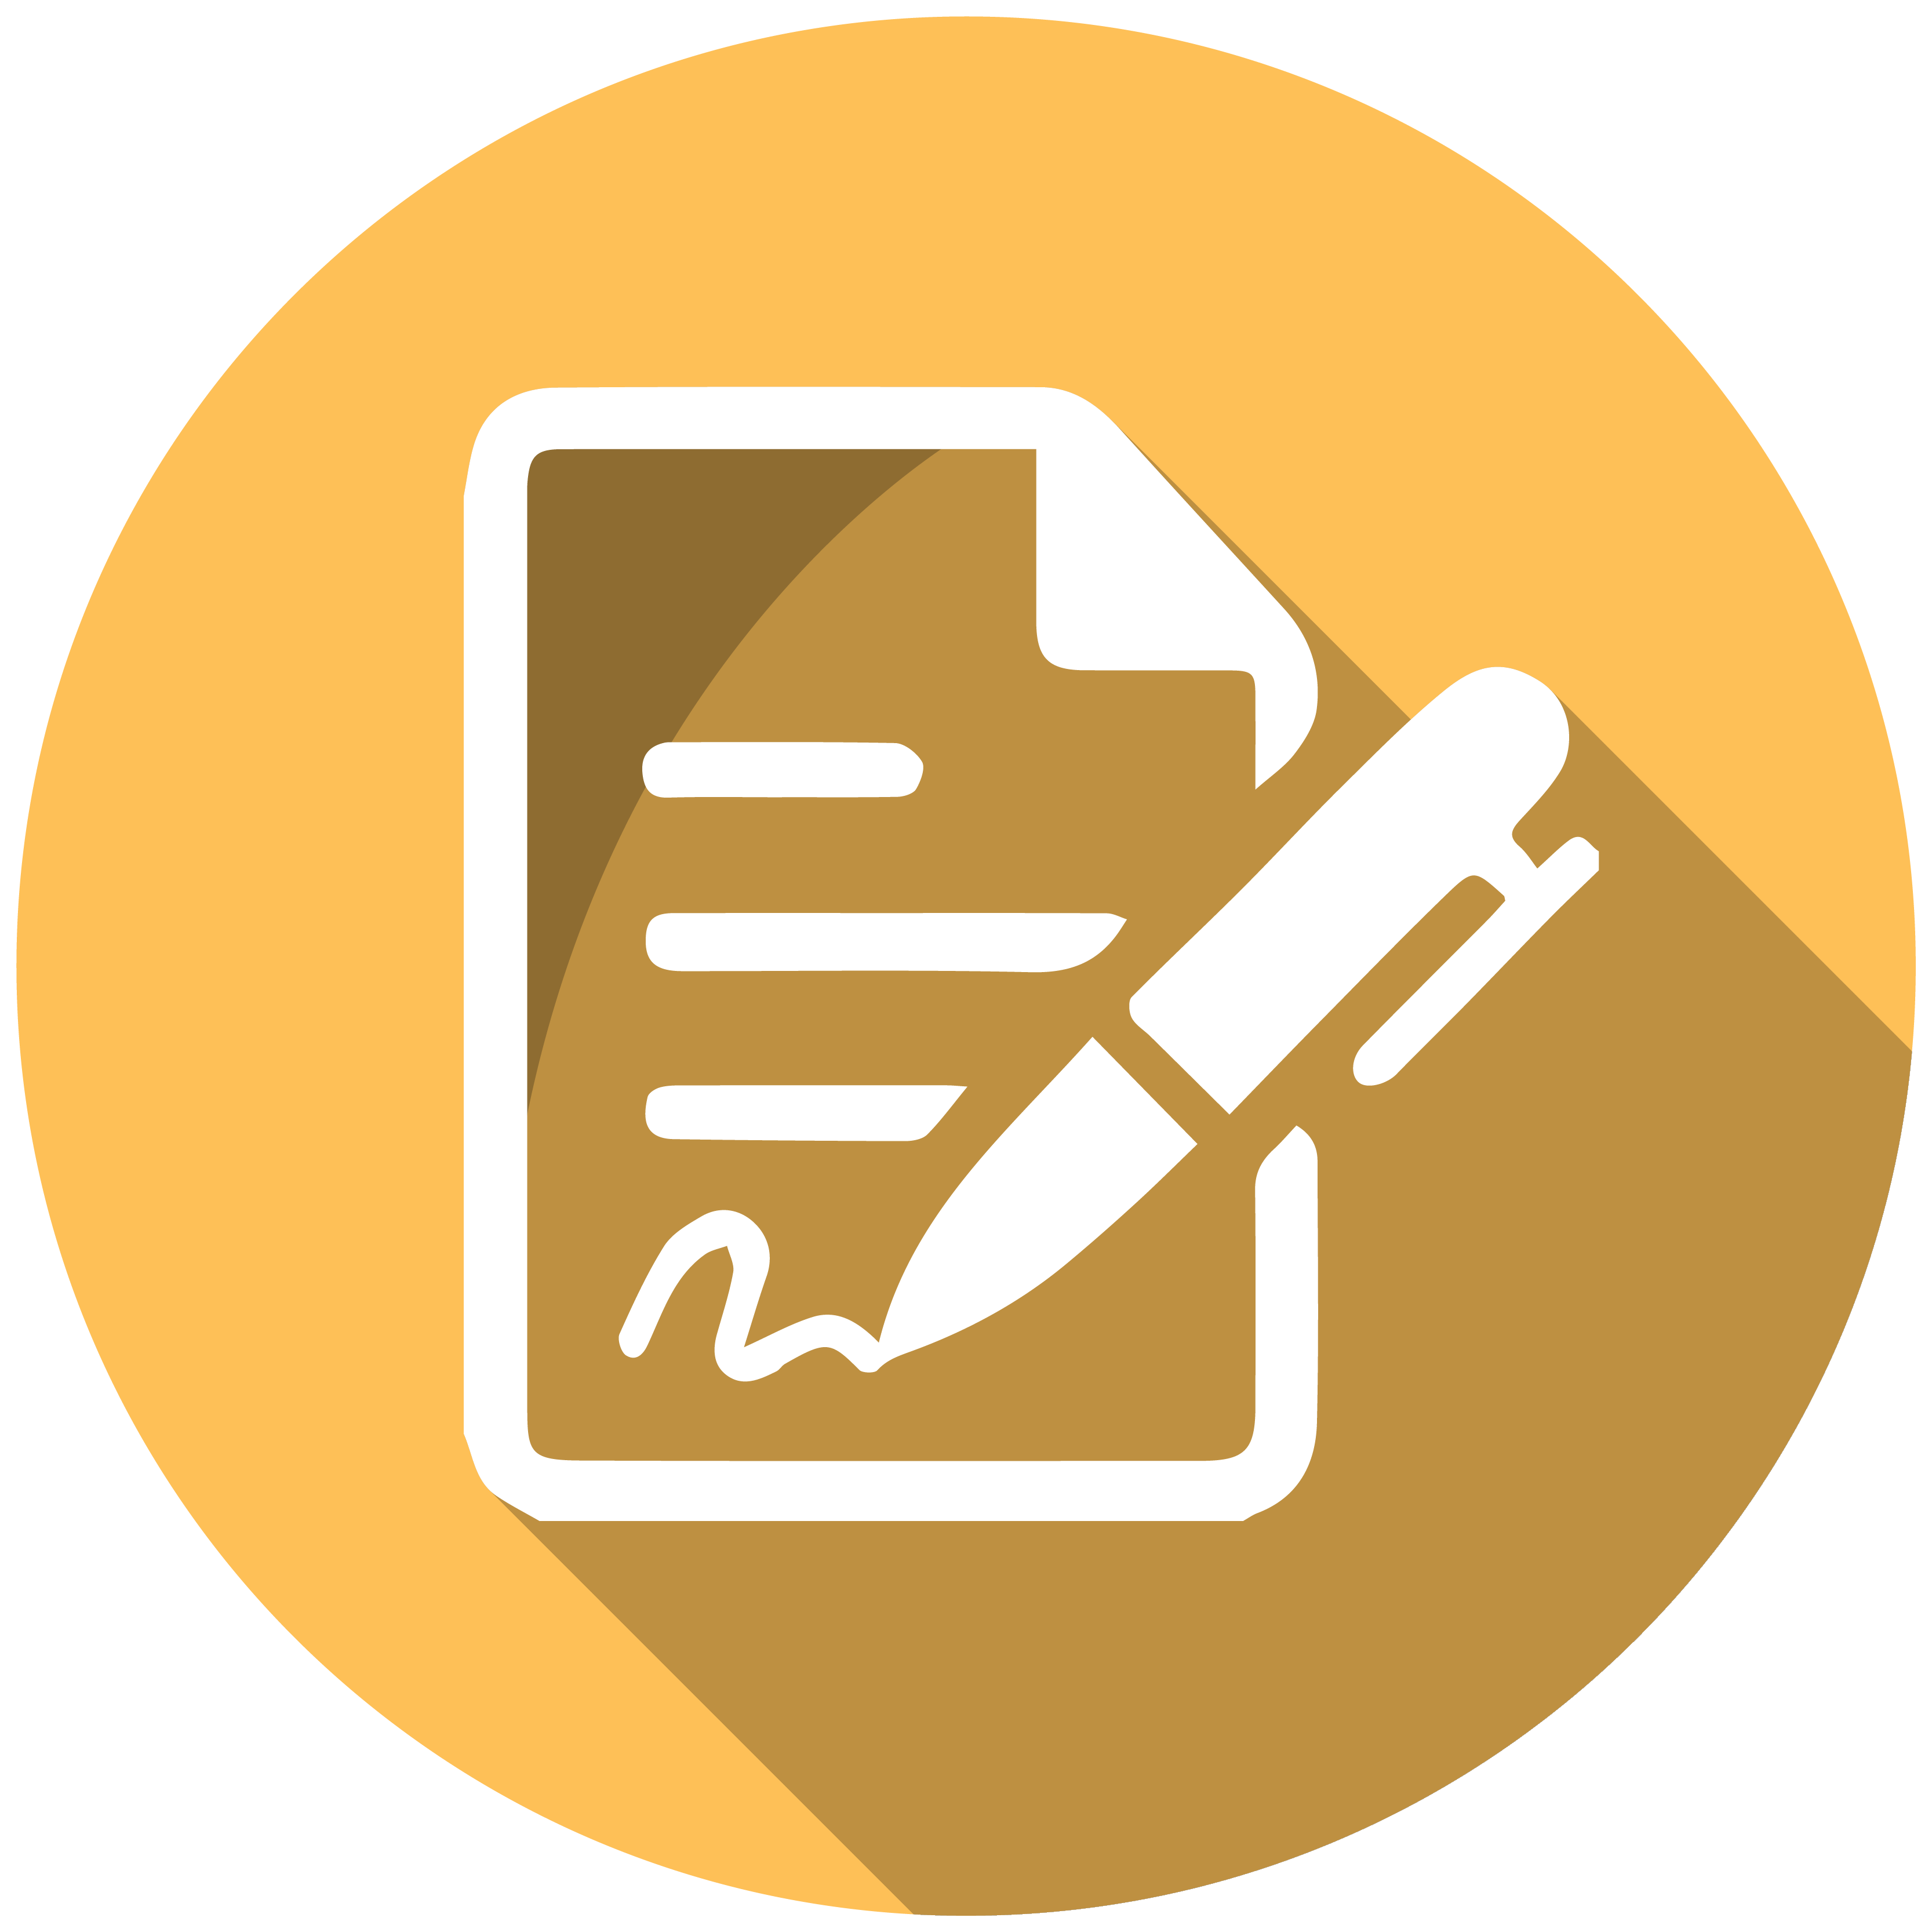 دانلود (بررسی مولفه های کلیدی ارزیابی عملکرد مدیریت اعضا هیات علمی دانشگاه)